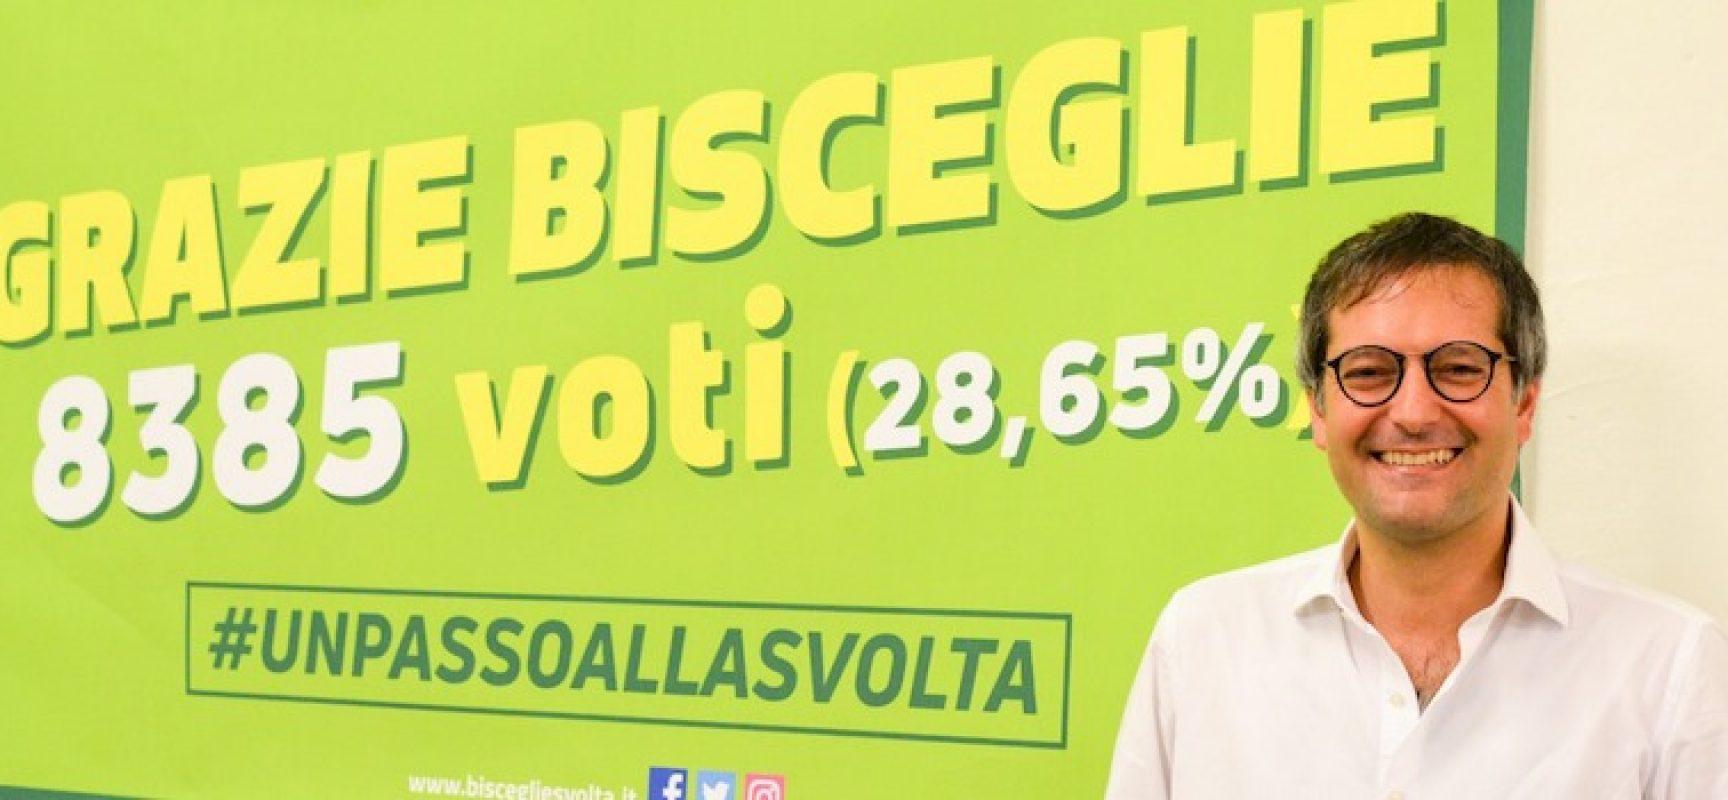 """Angarano commenta il risultato elettorale: """"Sono emozionato, non ci aspettavamo quel divario"""""""